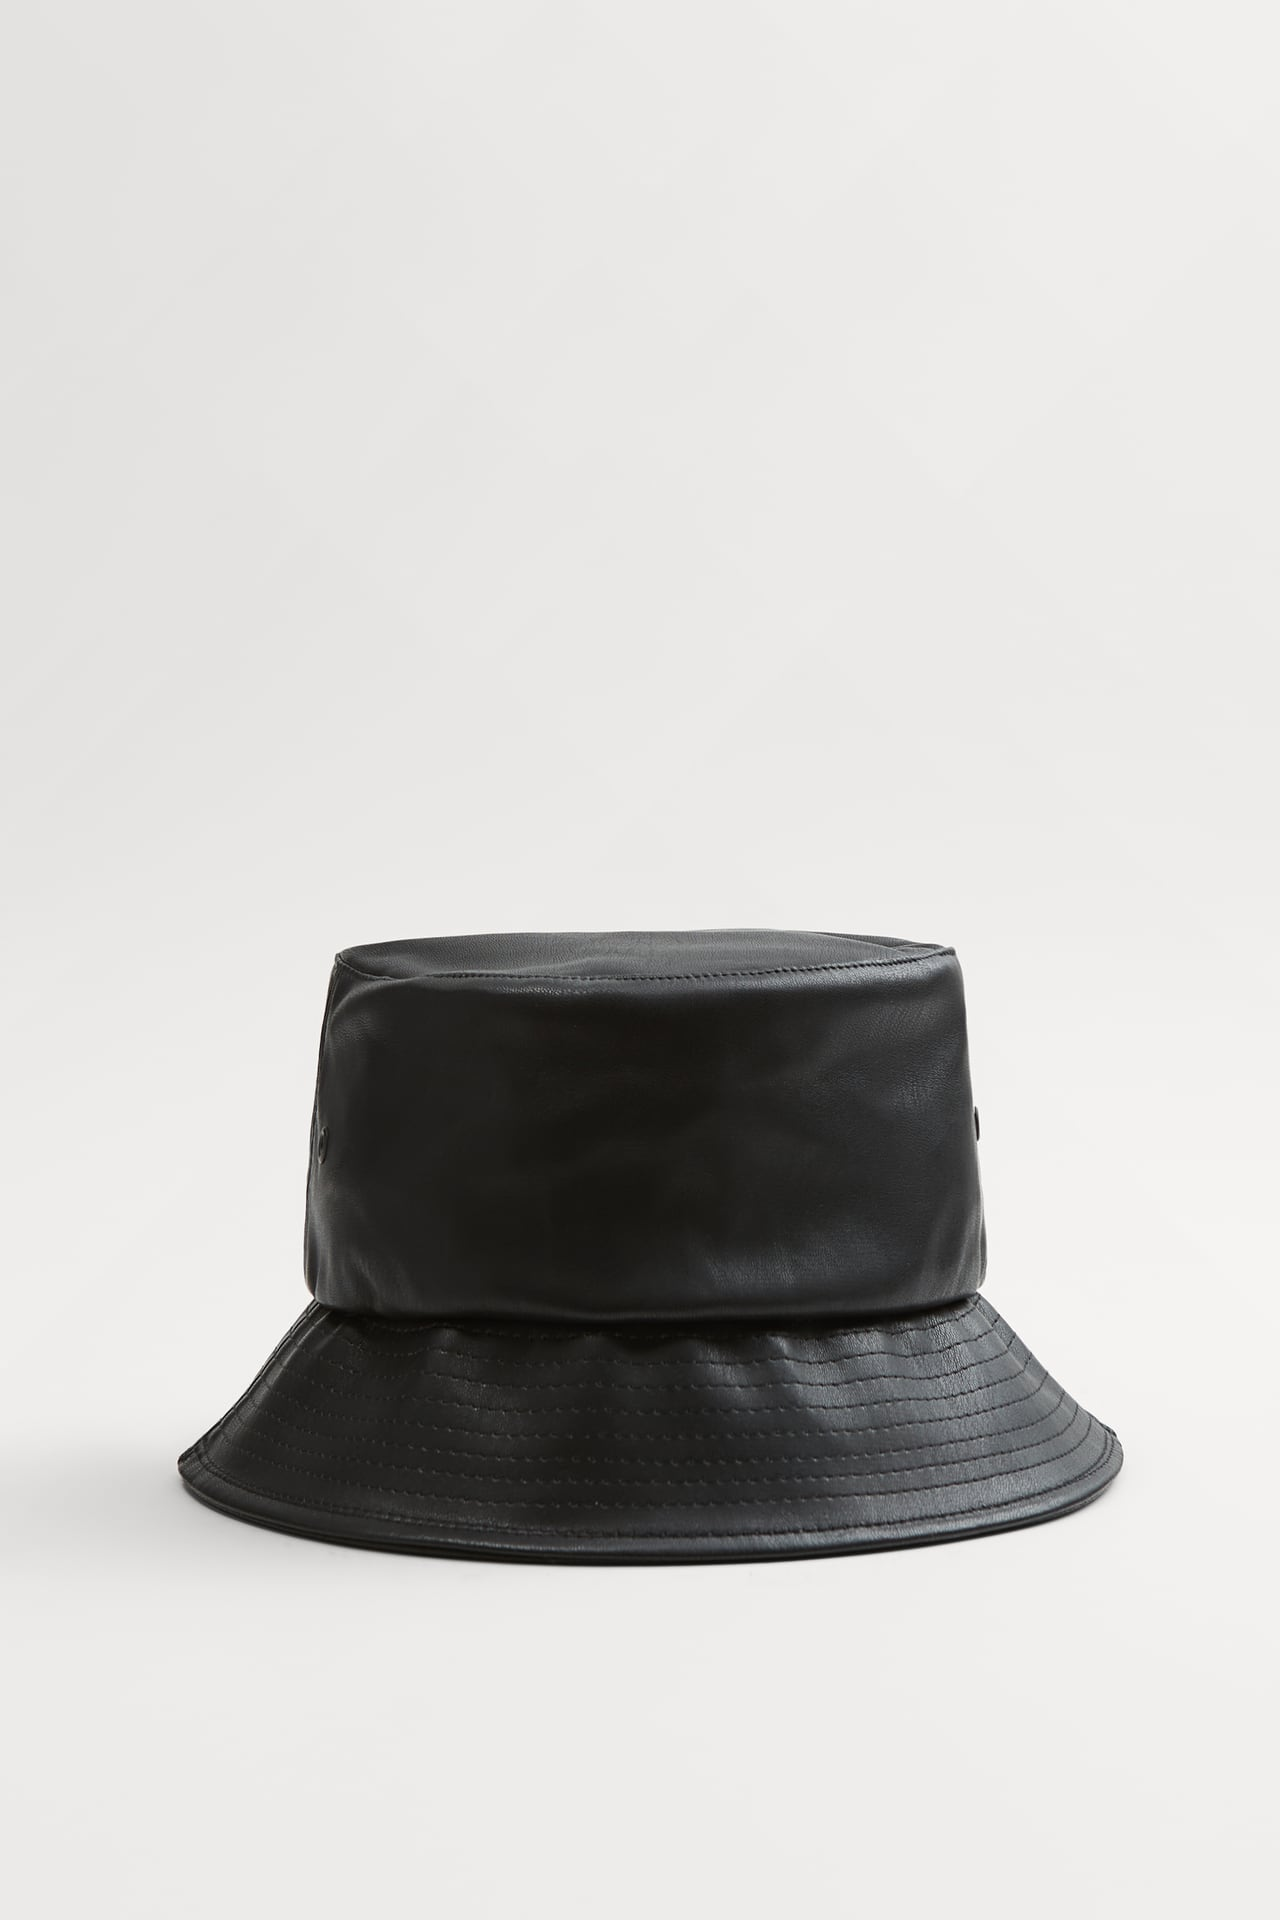 a bucket hat from Zara